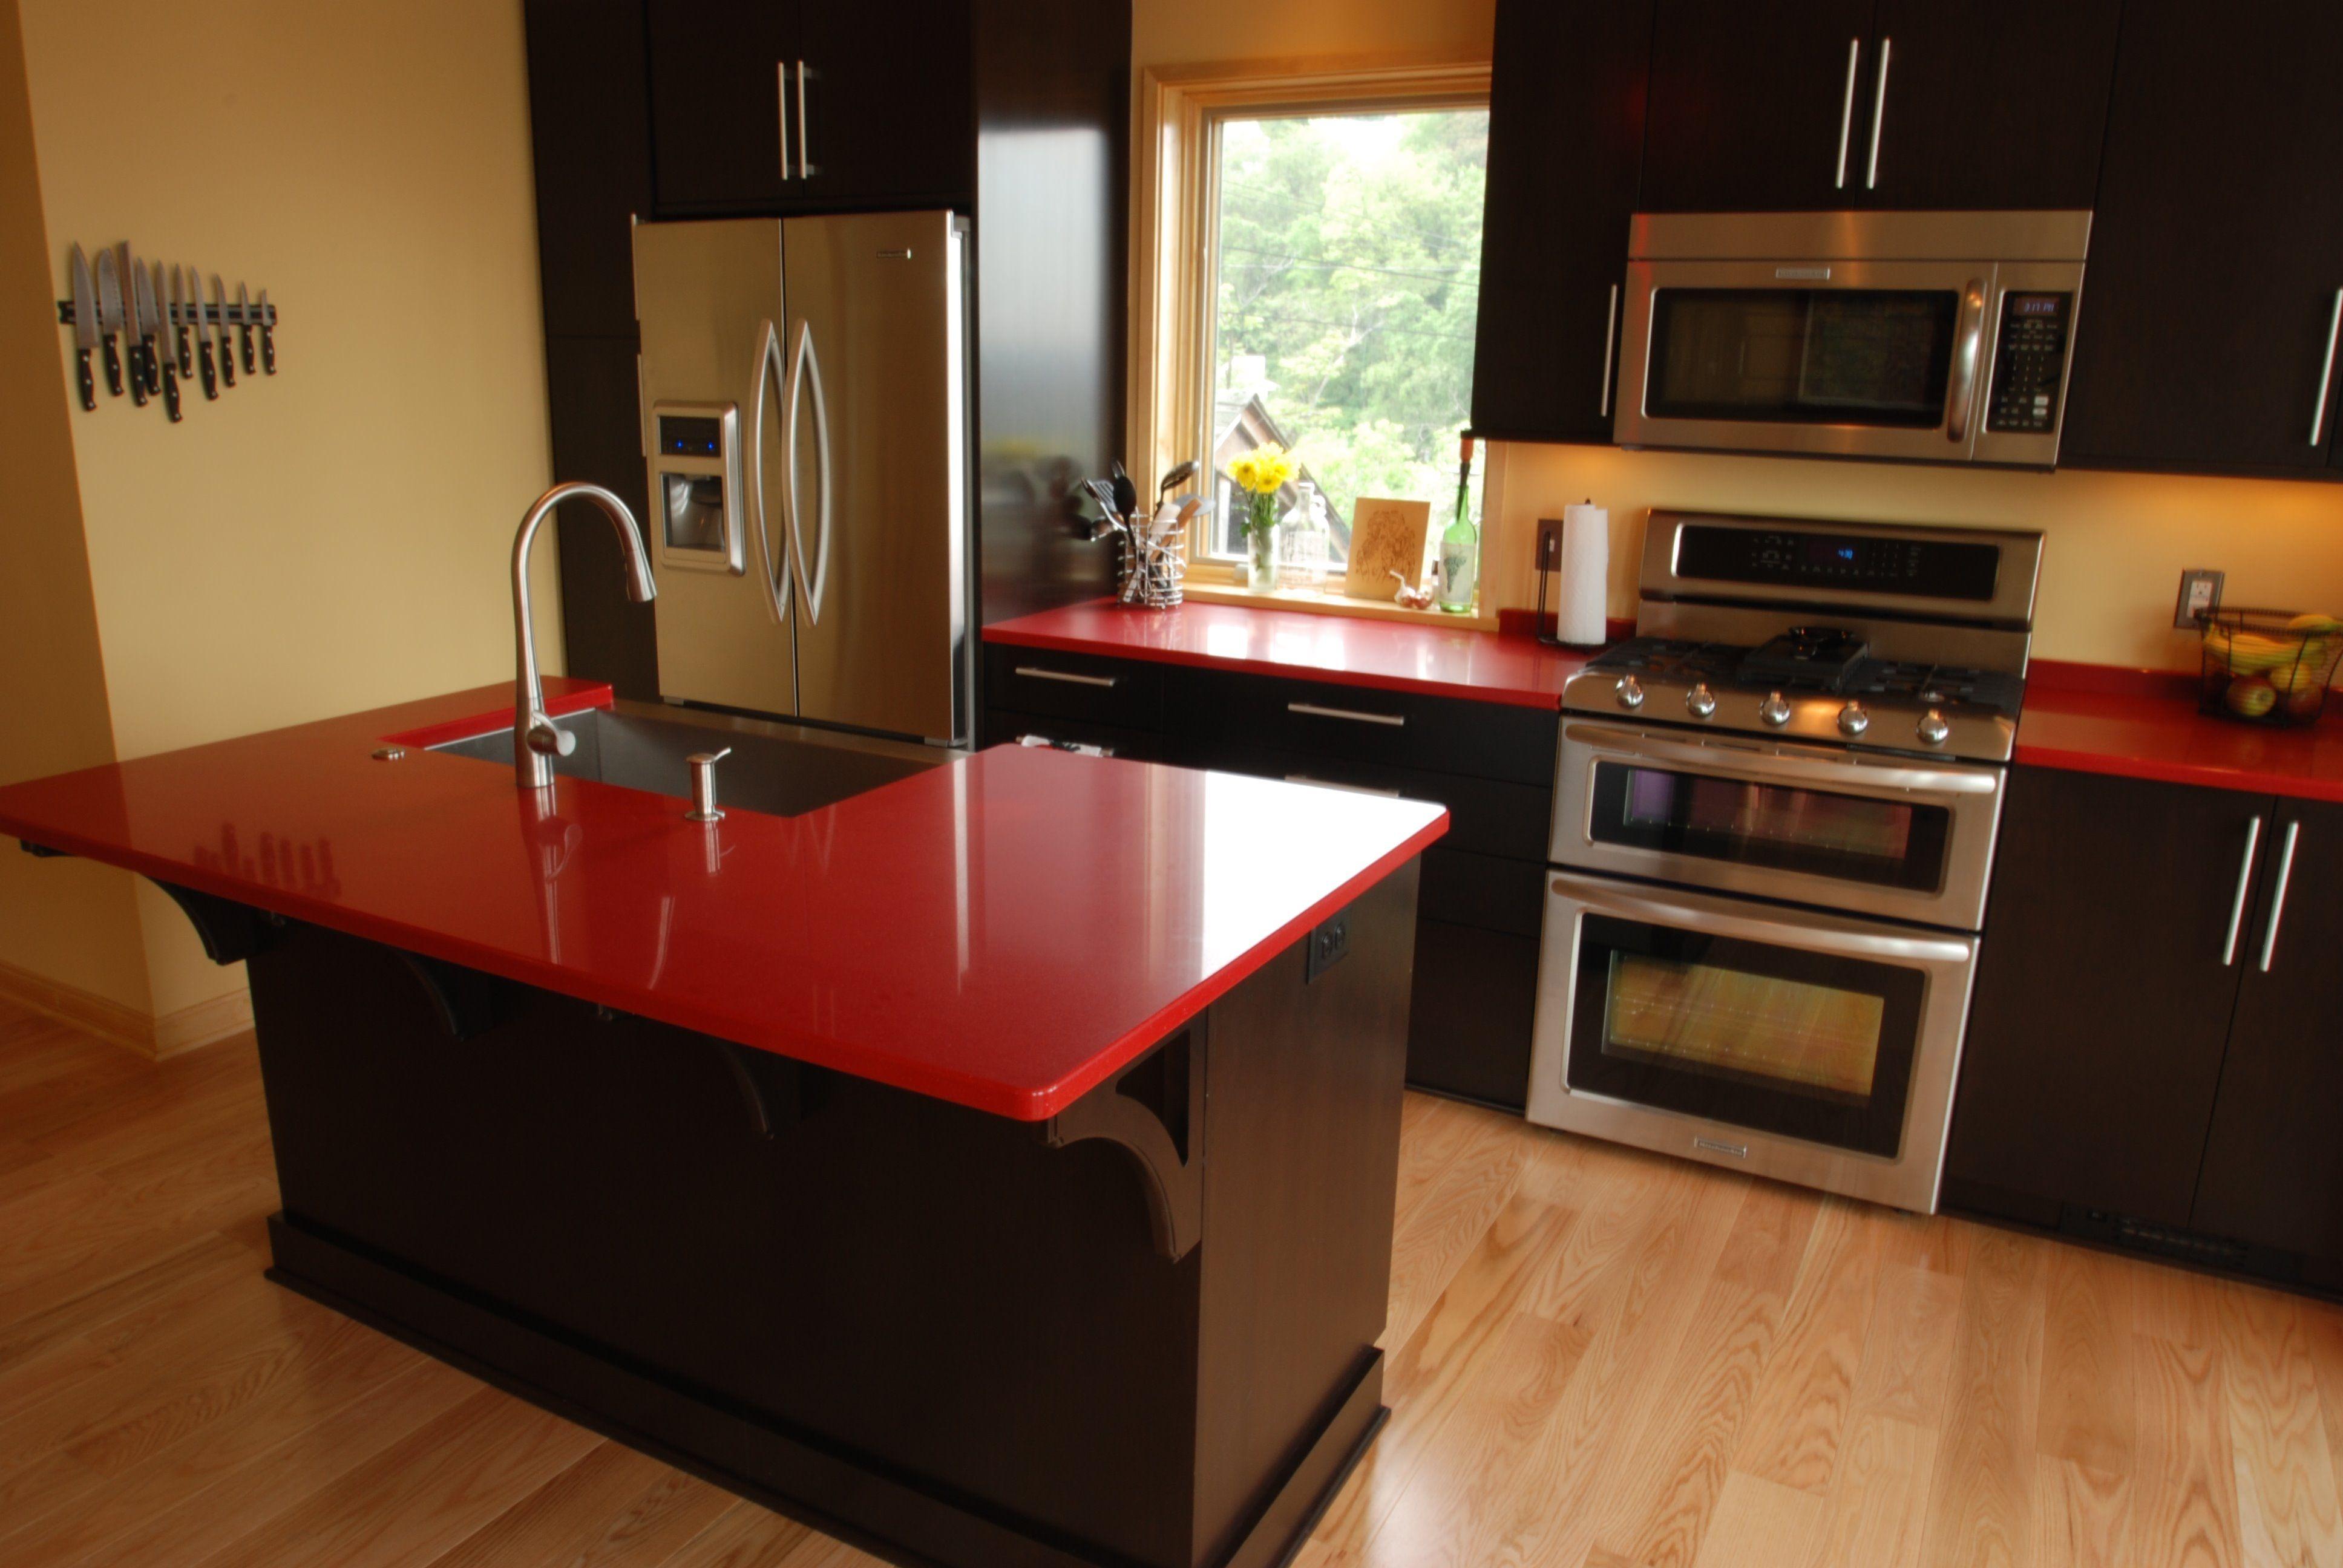 Red Quartz Kitchen Countertops Cozinhas Cozinha Moveis Sob Medida